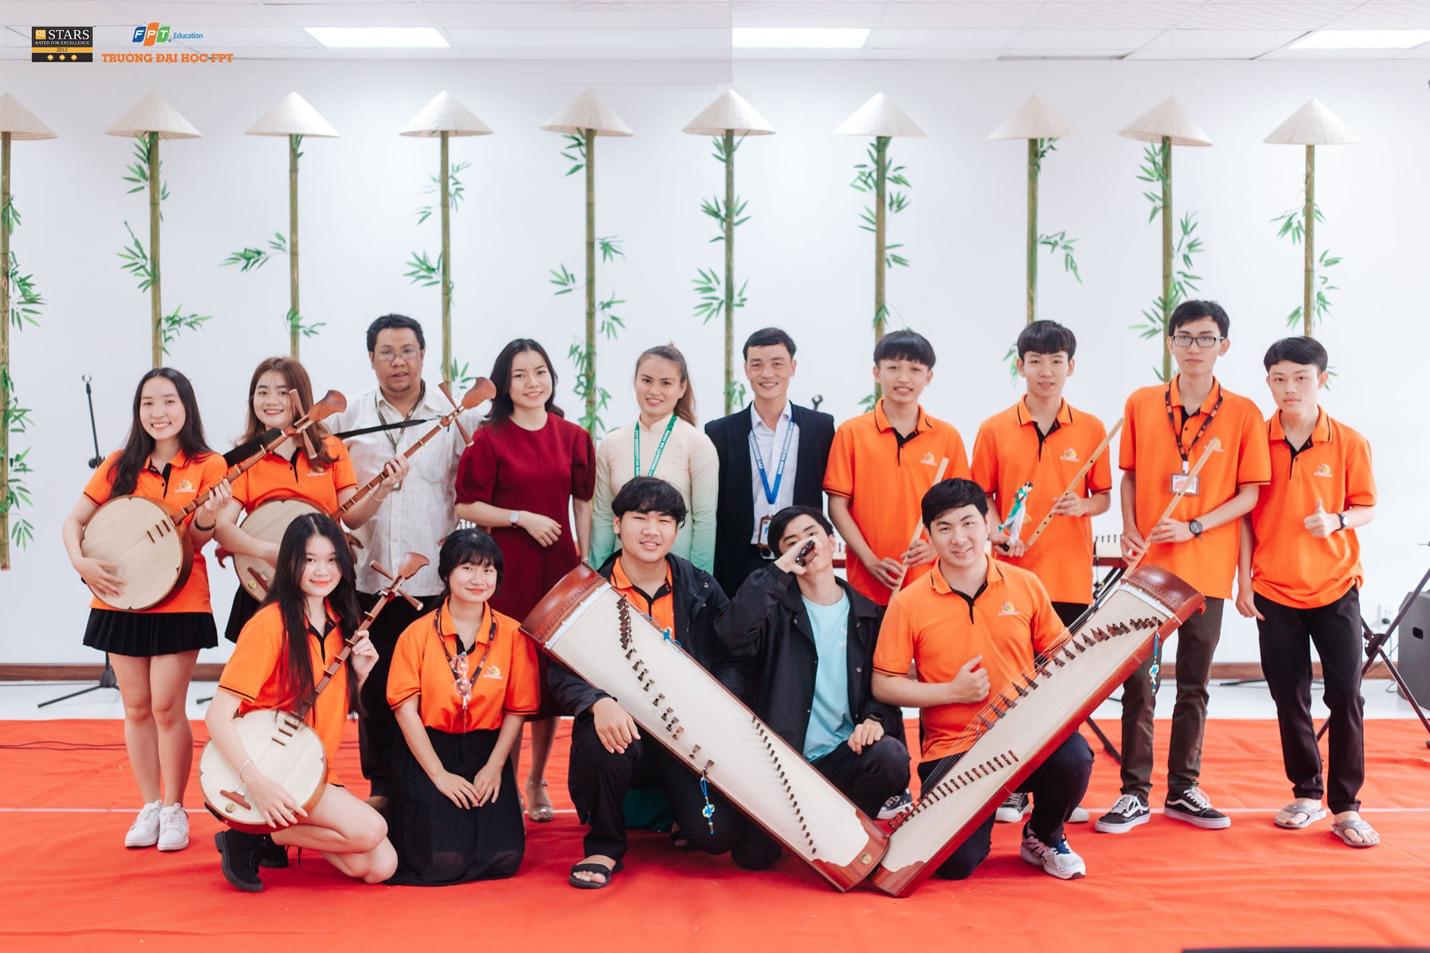 Bí quyết của thầy cô nhạc cụ dân tộc để sinh viên IT cũng có thể chơi đàn chất nghệ - Ảnh 5.